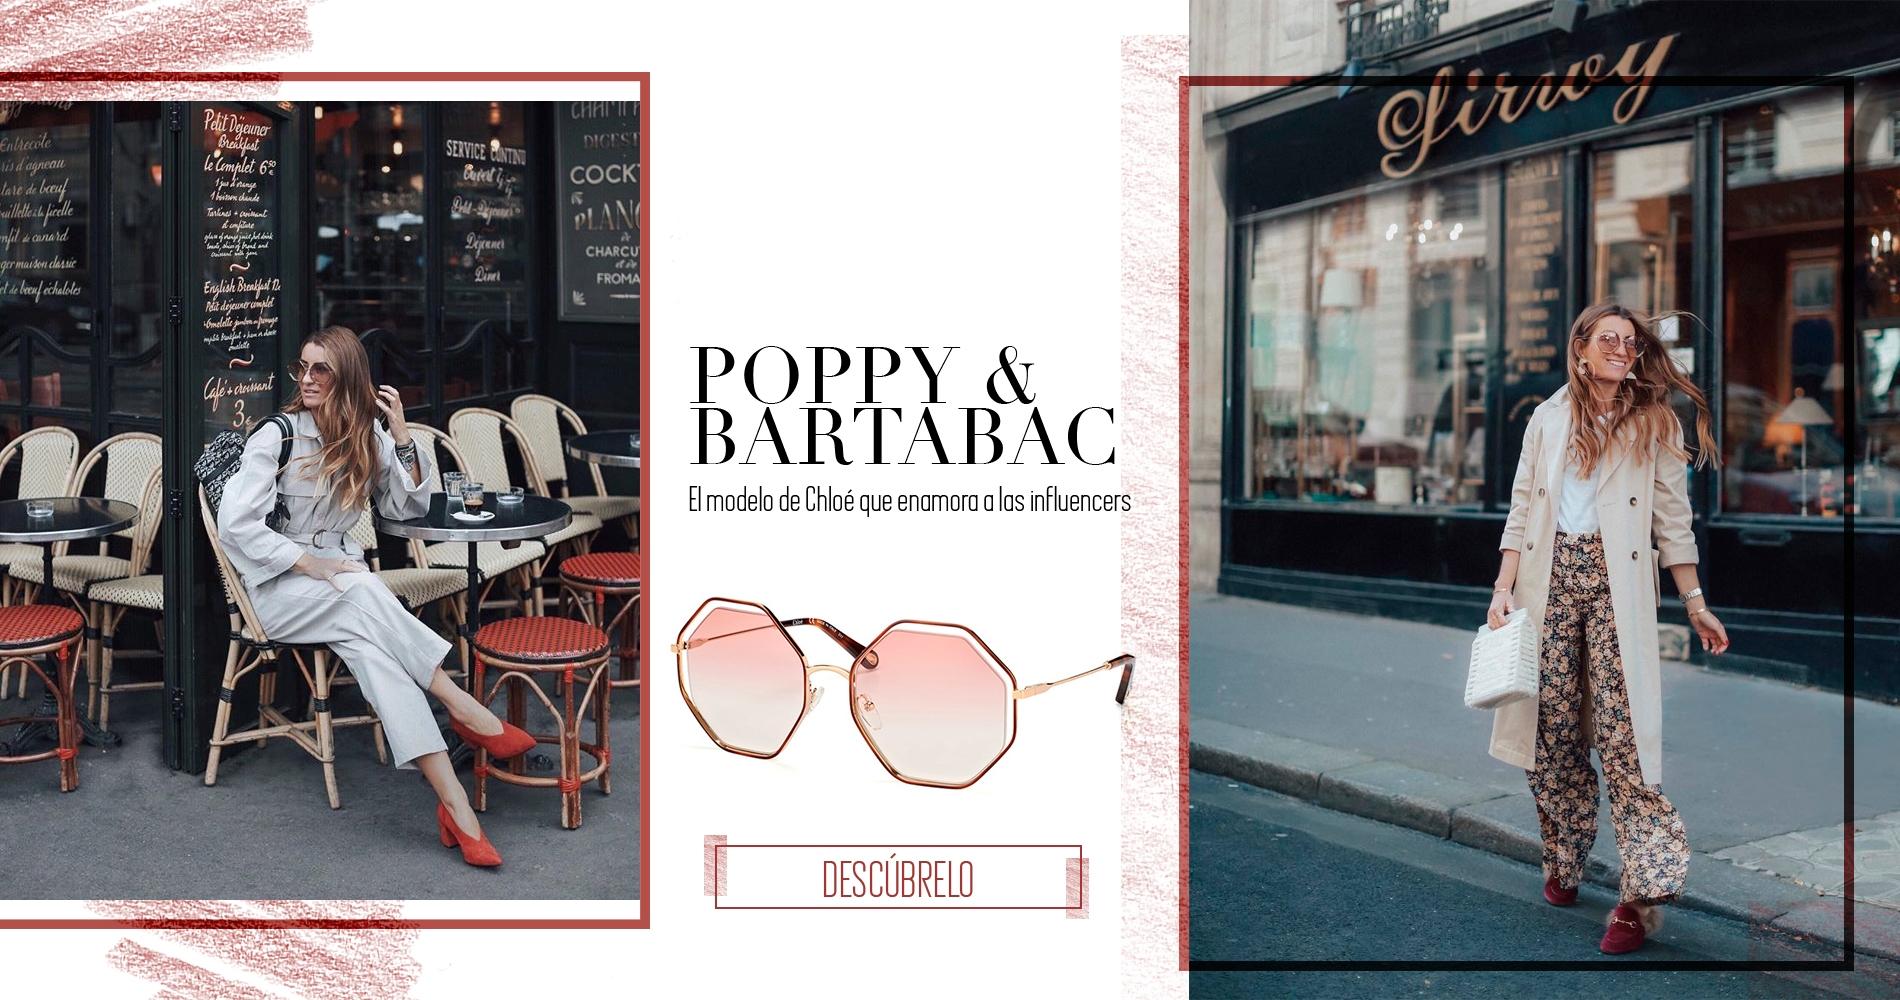 Poppy & Bartabac